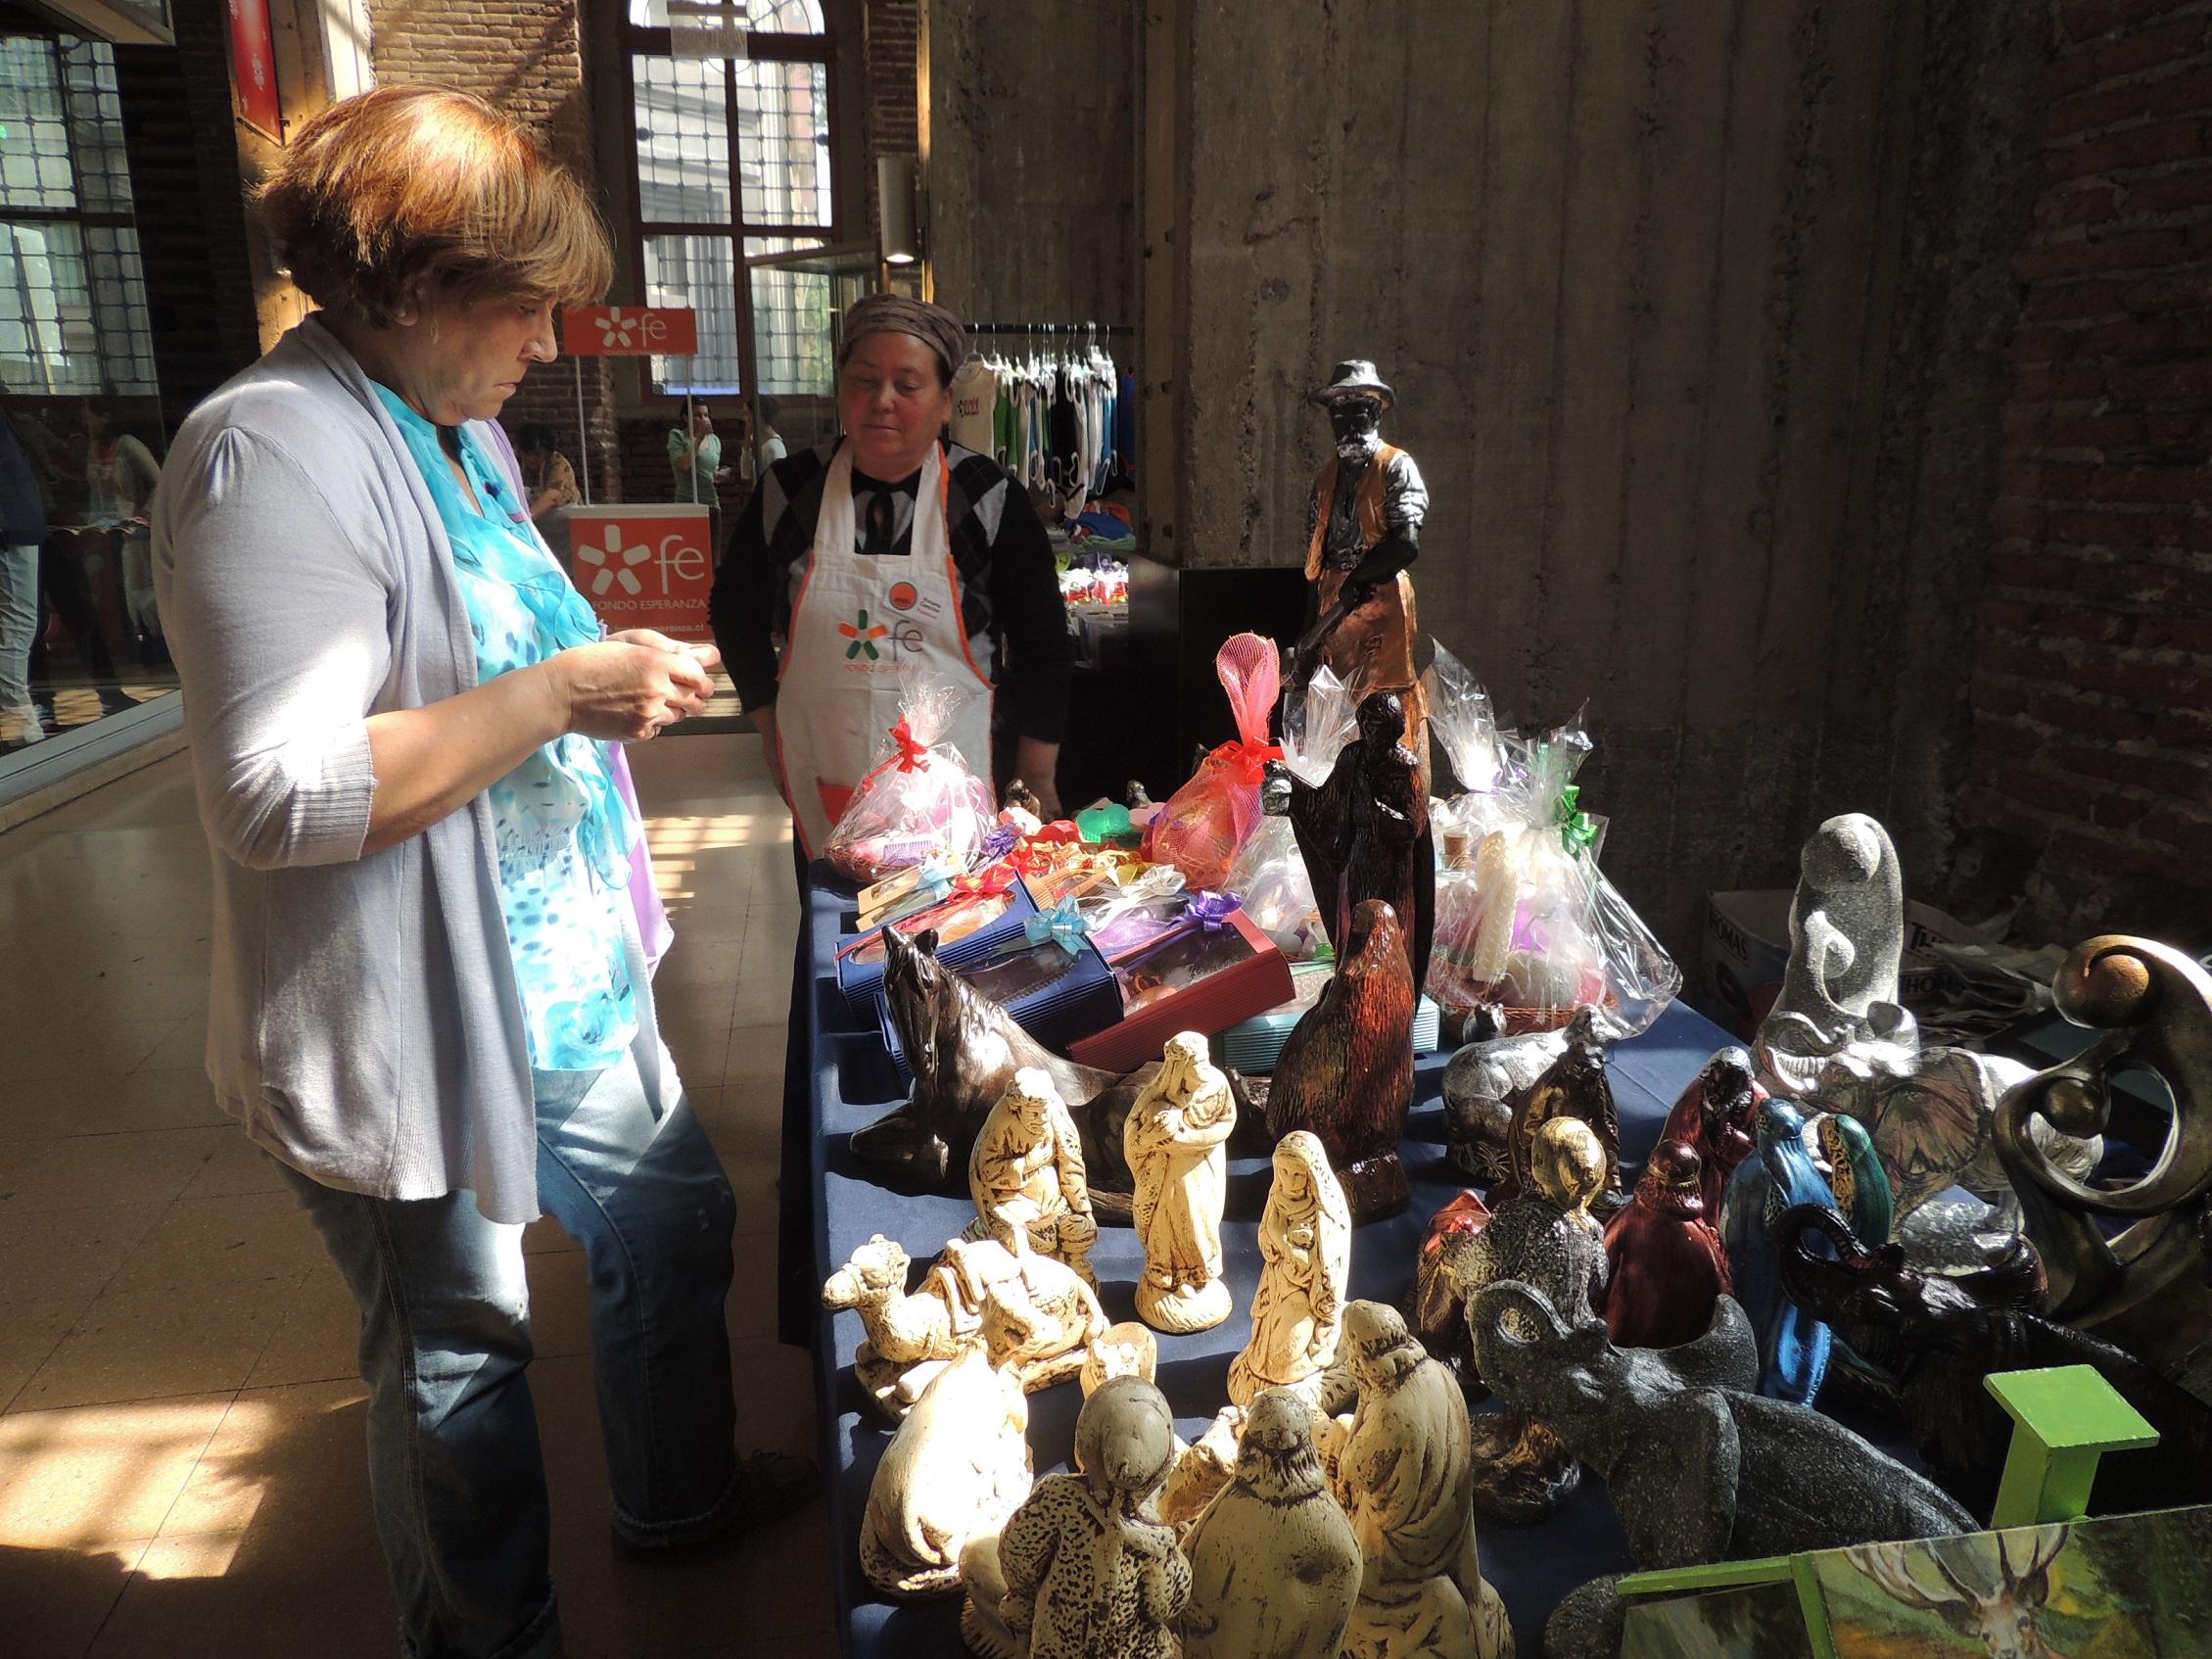 Adelanta la compra de regalos en el Bazar de Navidad de Fondo Esperanza y apoya el emprendimiento nacional